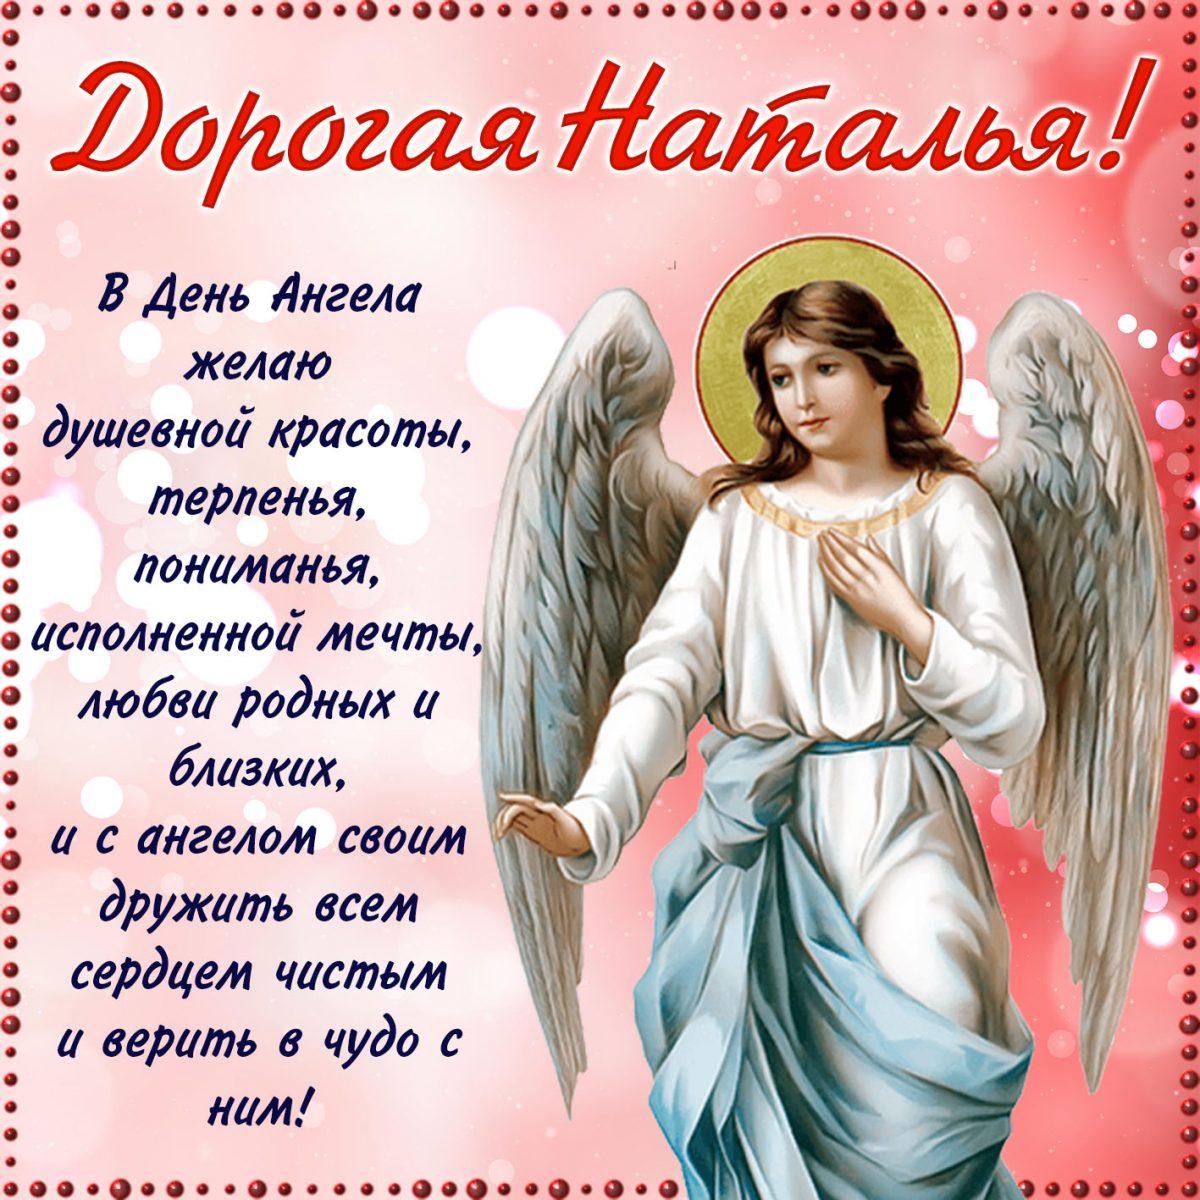 День ангела Натальи - открытки, картинки и поздравления 8 сентября